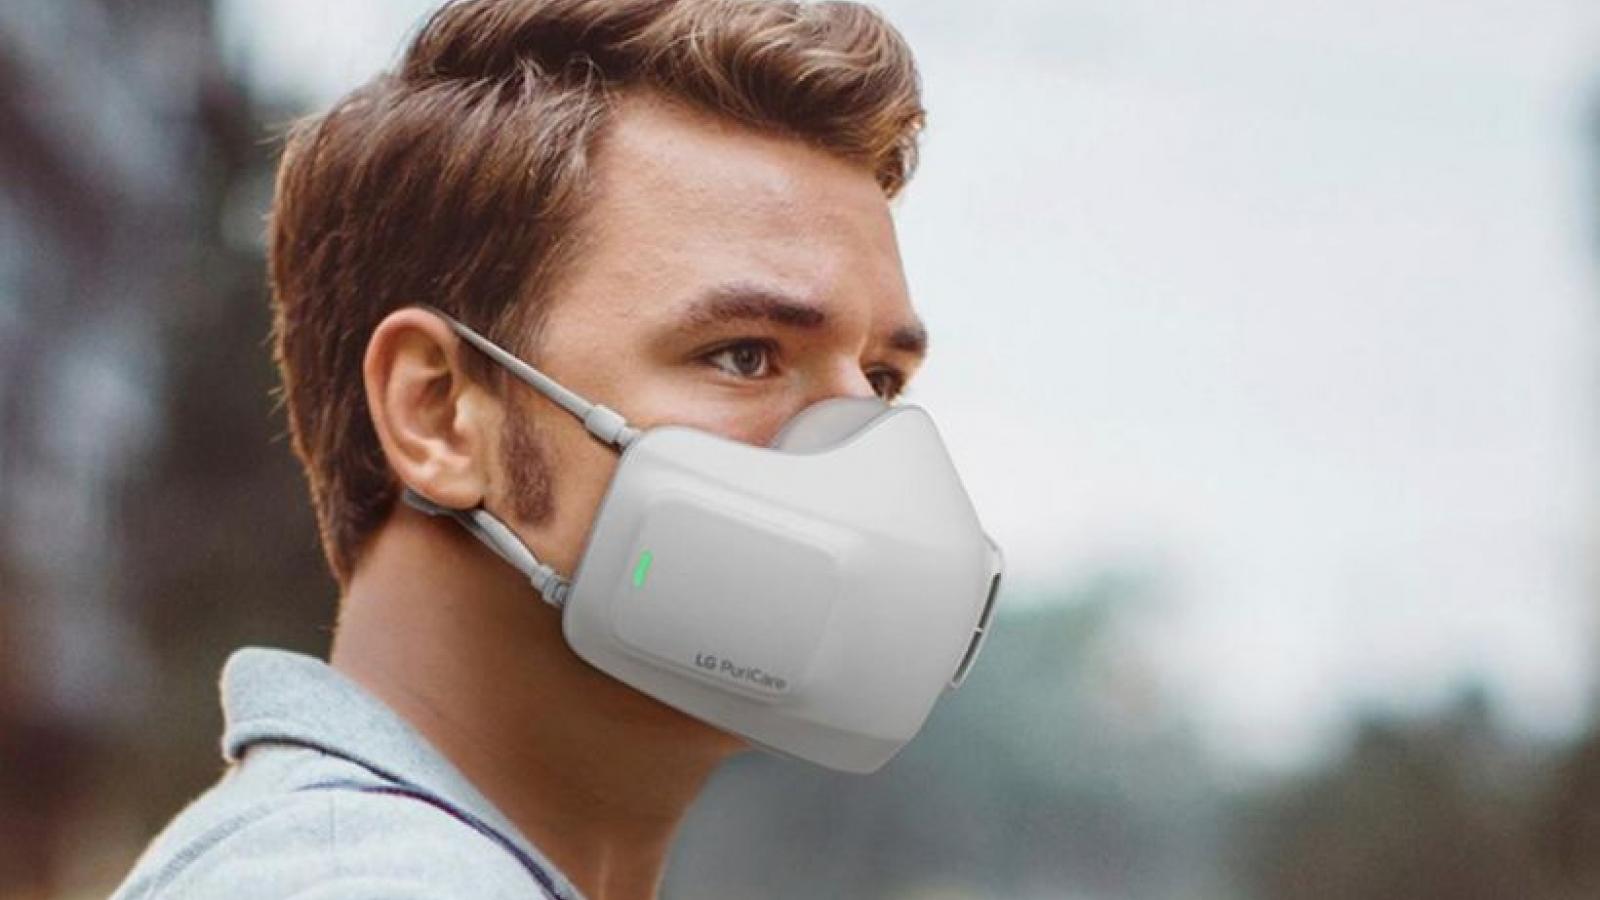 Hàn Quốc phát minh ra khẩu trang điện tử giúp dễ thở và chống làm mờ kính